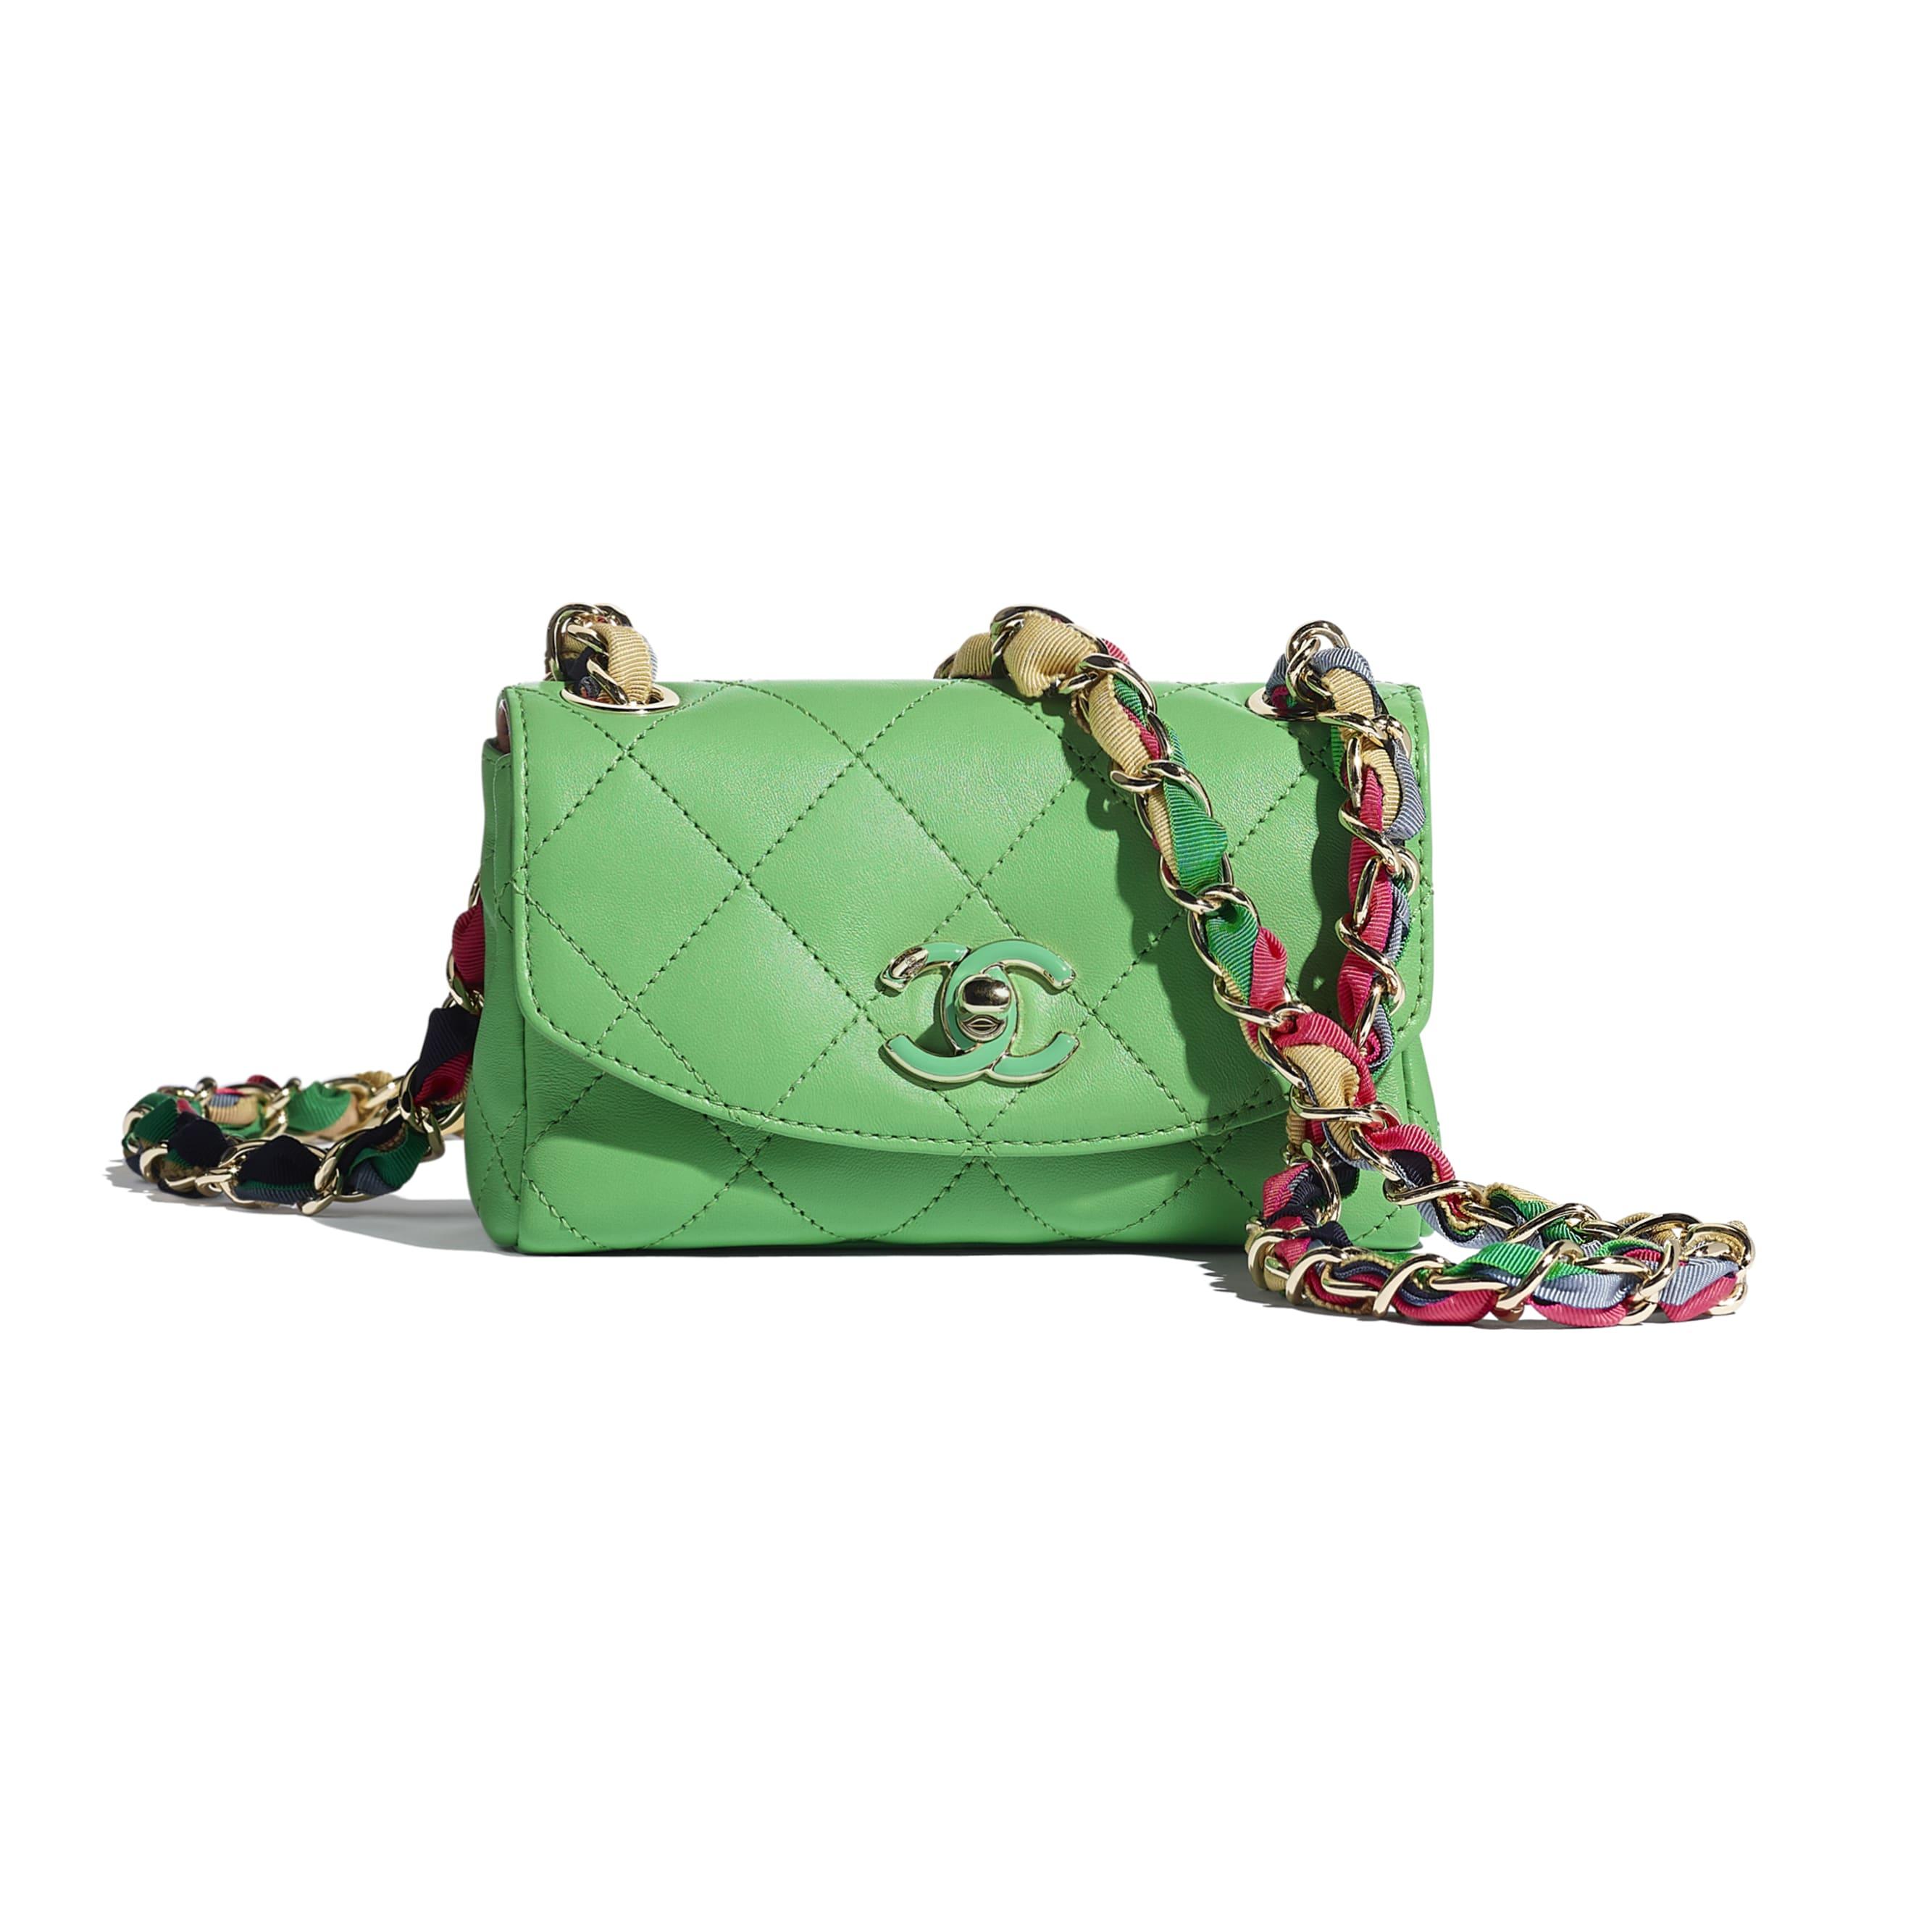 Petit sac à rabat - Vert - Agneau, fibres mélangées & métal doré - CHANEL - Vue par défaut - voir la version taille standard